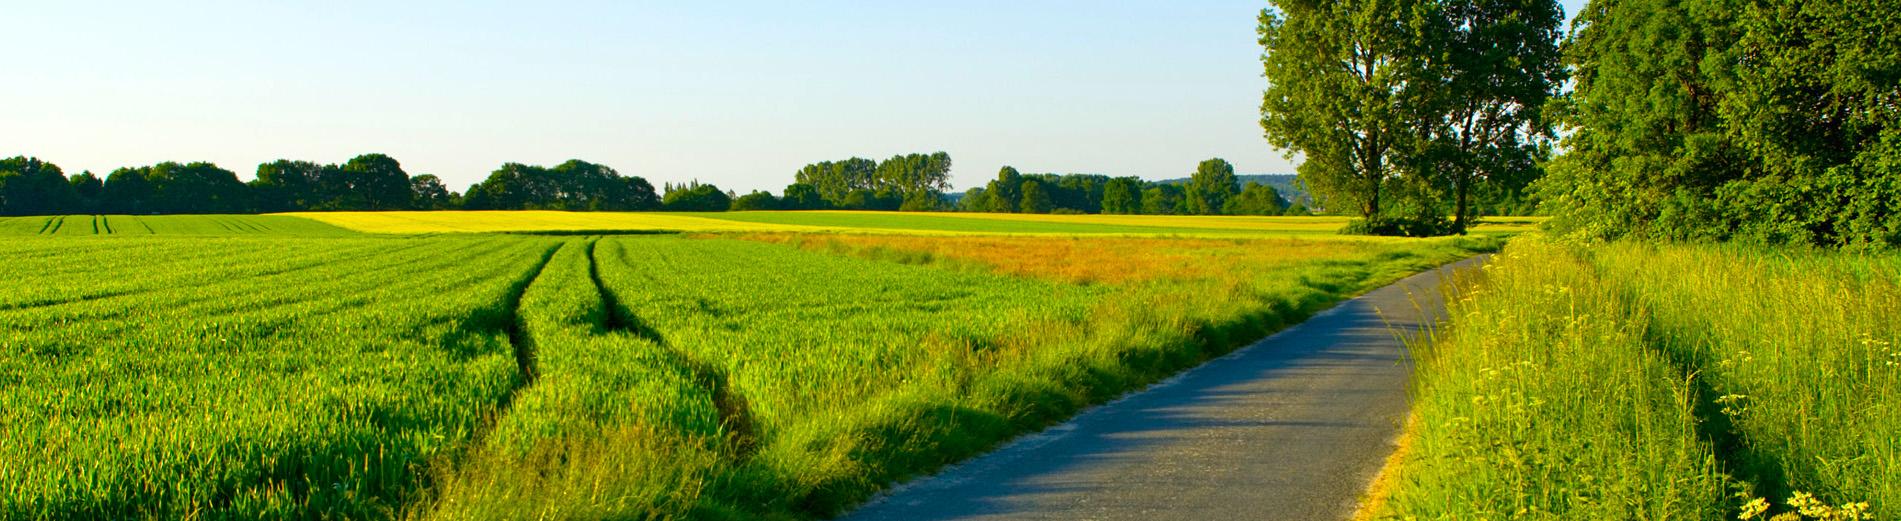 The-narrow-road